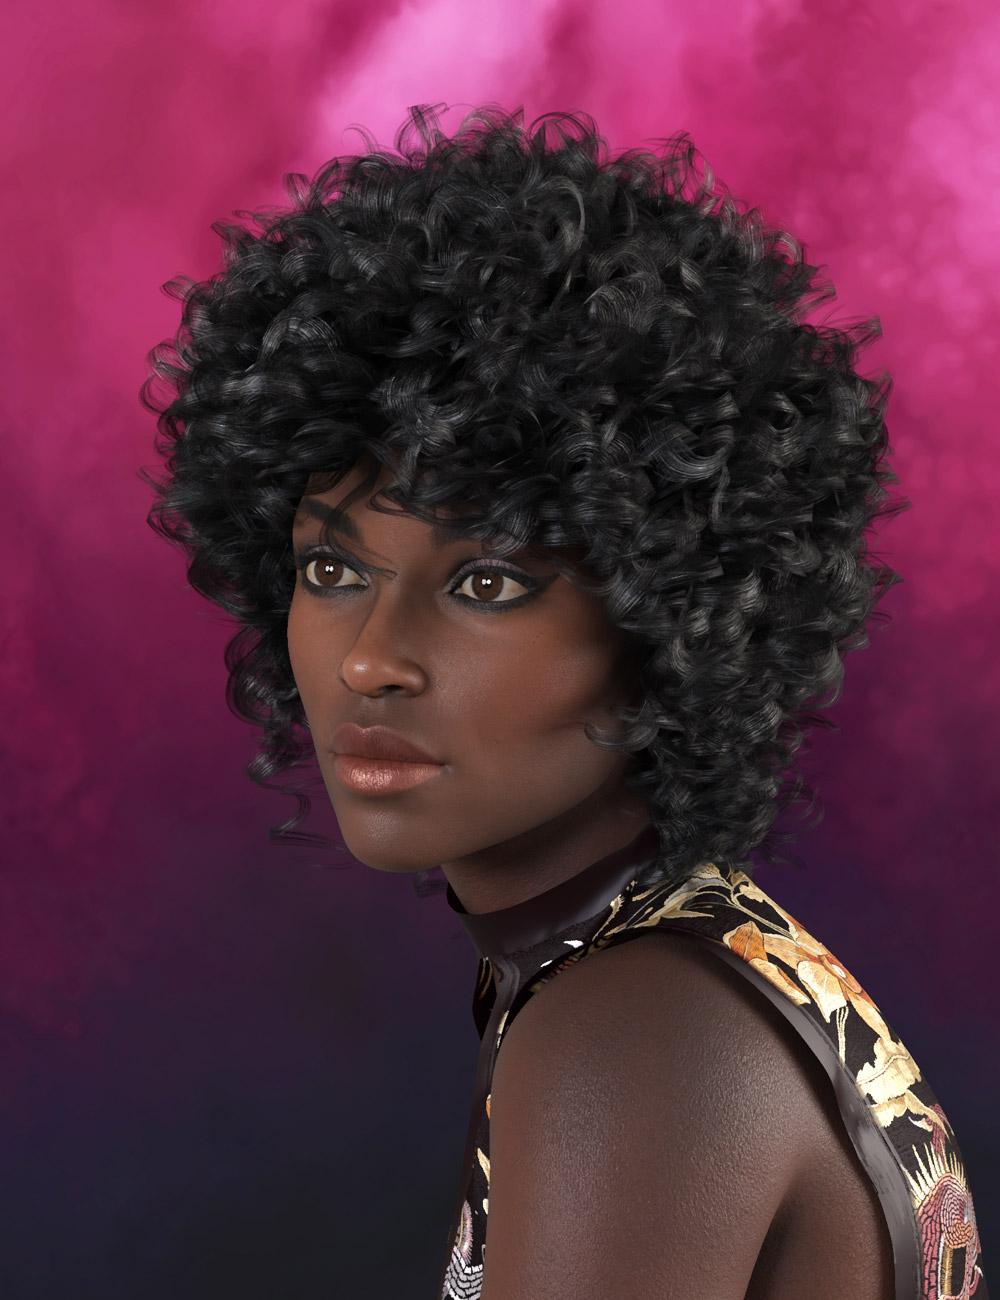 Iris Hair for Genesis 8 by: Prae, 3D Models by Daz 3D